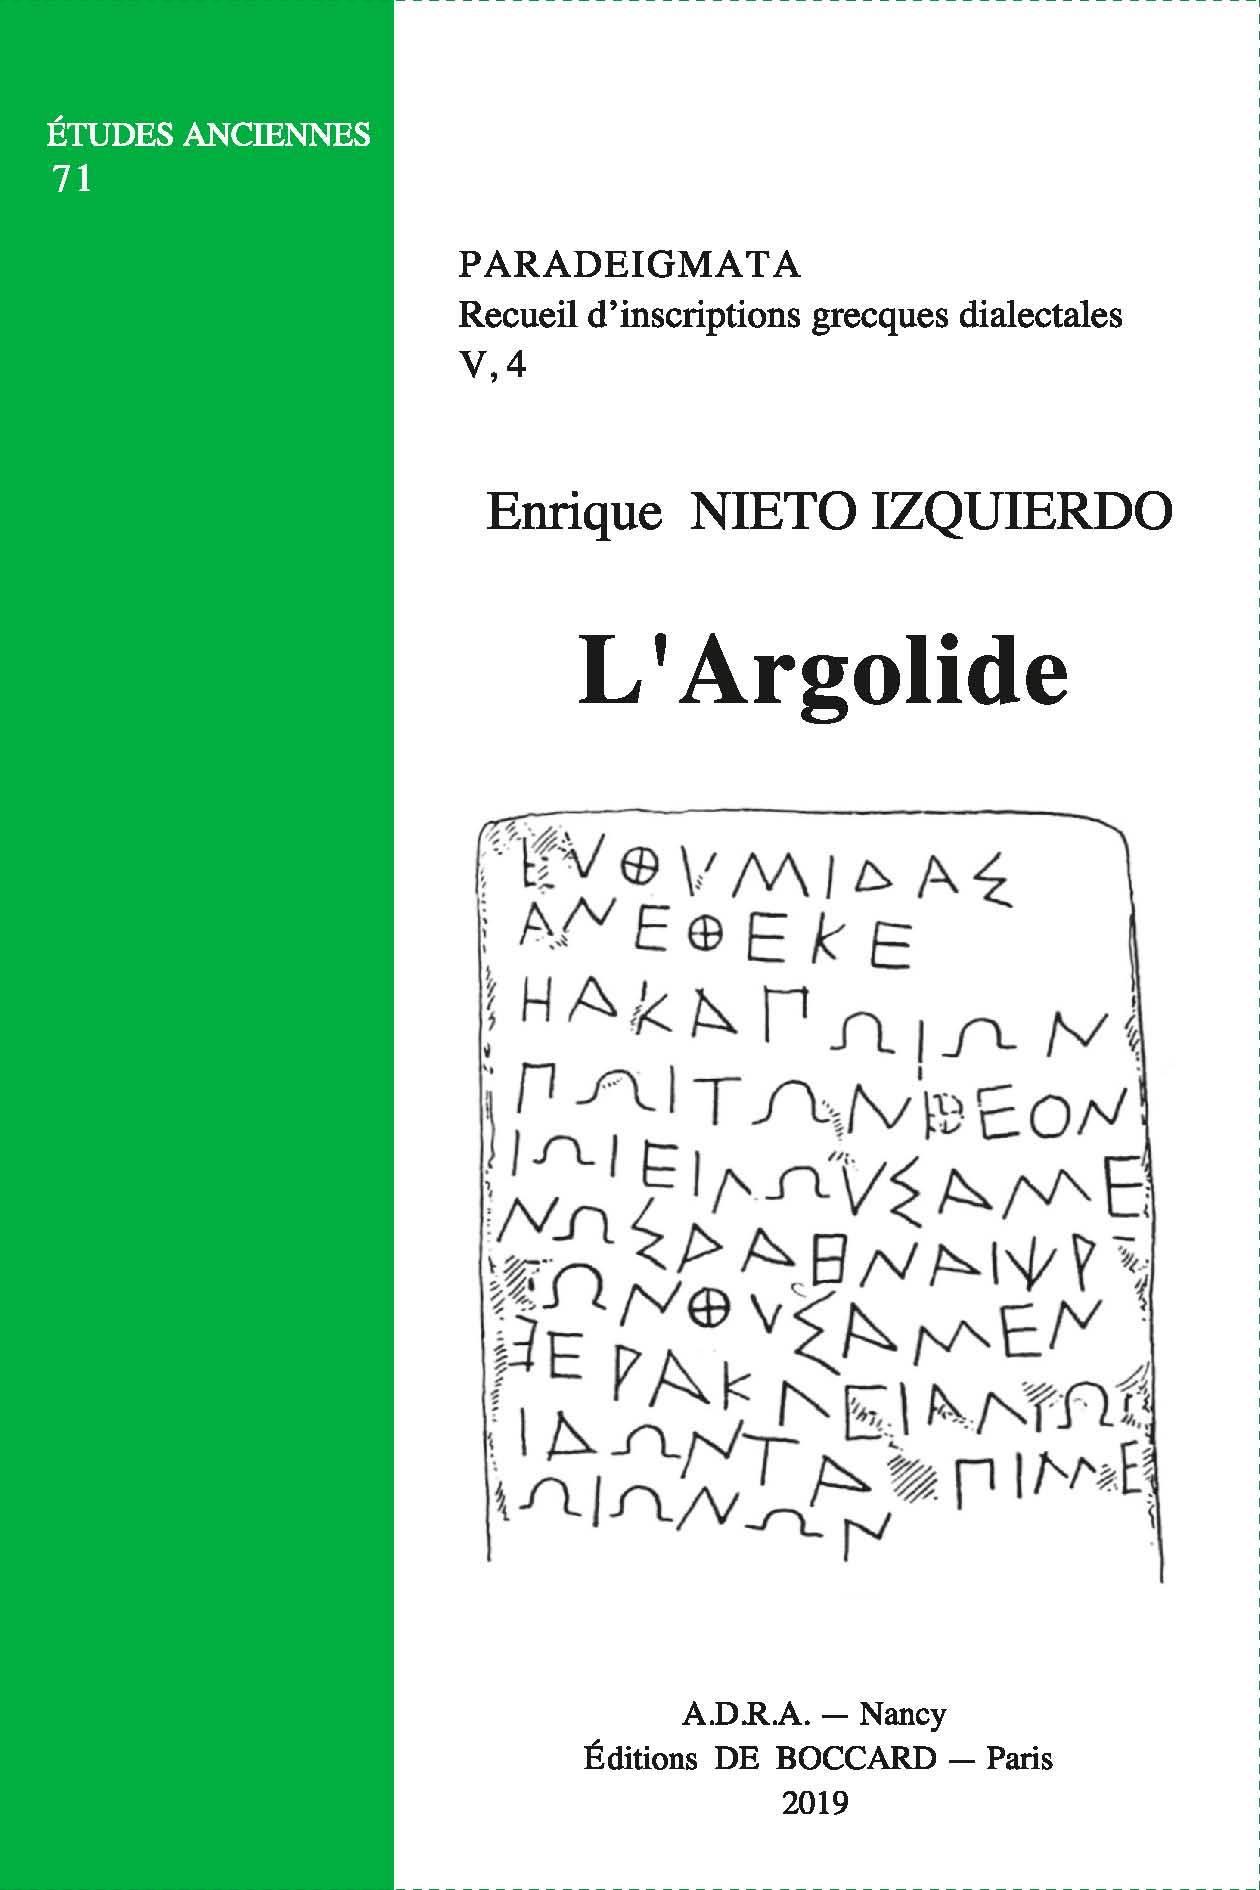 PARADEIGMATA - V 4 - PARADEIGMATA. RECUEIL D'INSCRIPTIONS GRECQUES DIALECTALES, V, 4 - L'ARGOLIDE